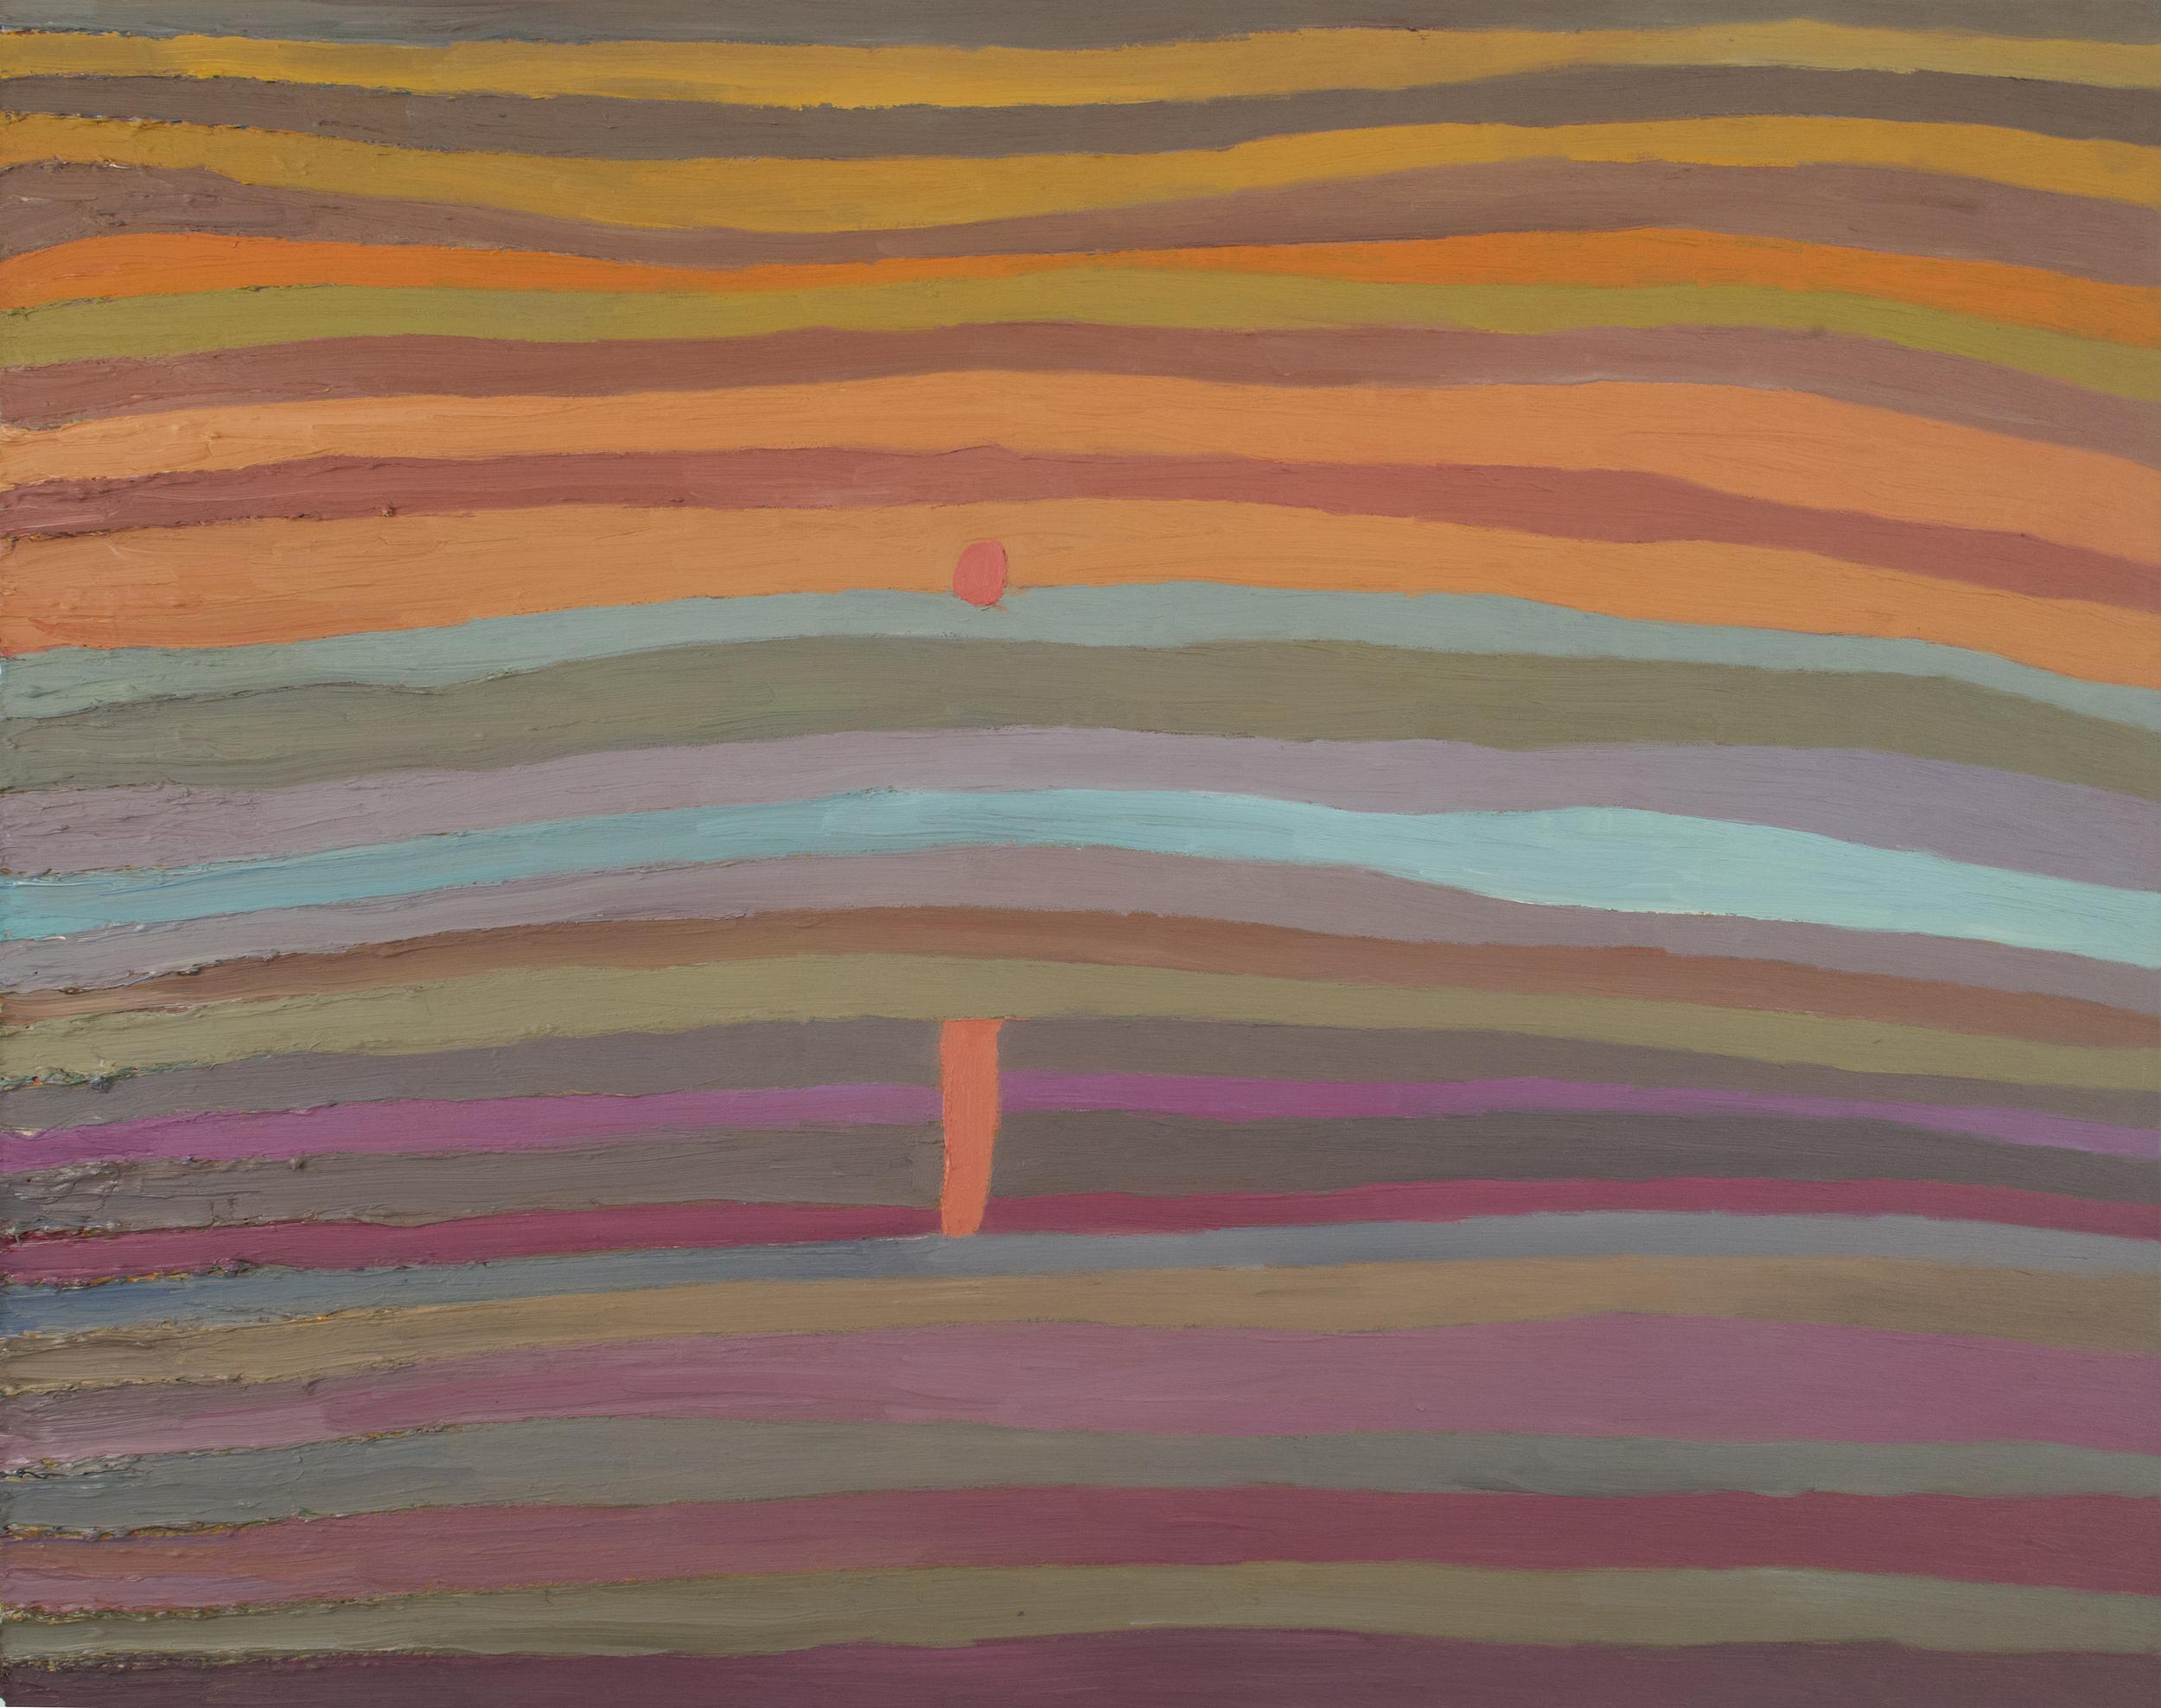 Takurou Shirai    Sunrise  , 2011 Oil on canvas 28.43 x 35.83 inches / 72.2 x 91.0 cm / TSh 1